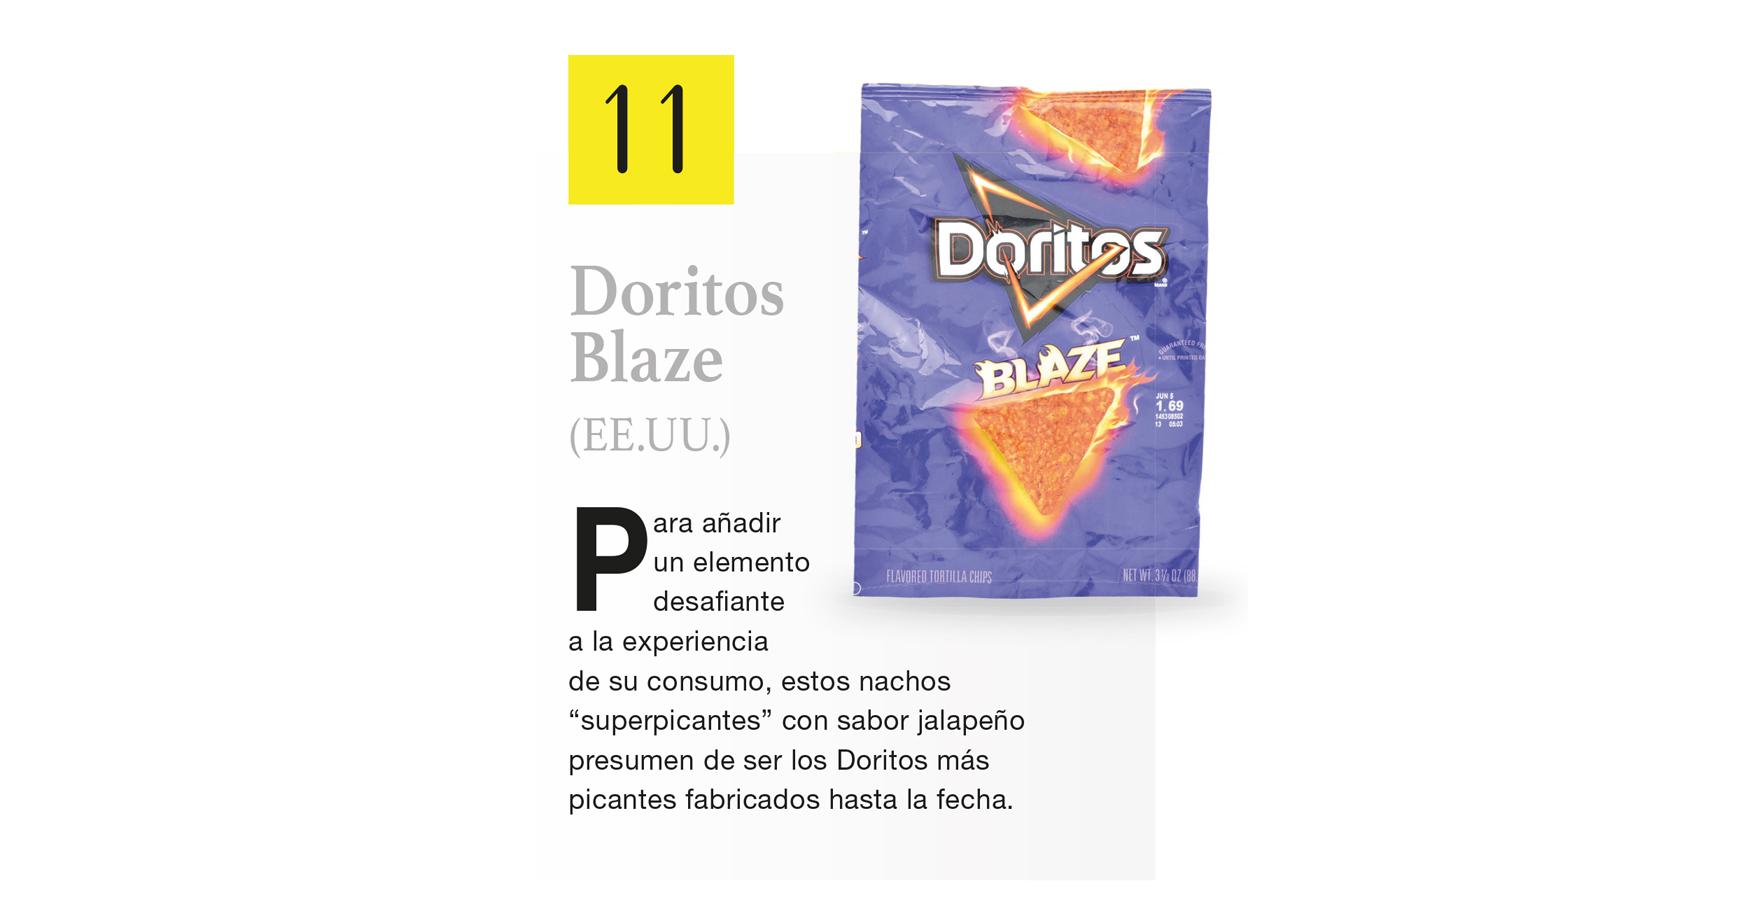 Doritos Blaze (EE.UU.)